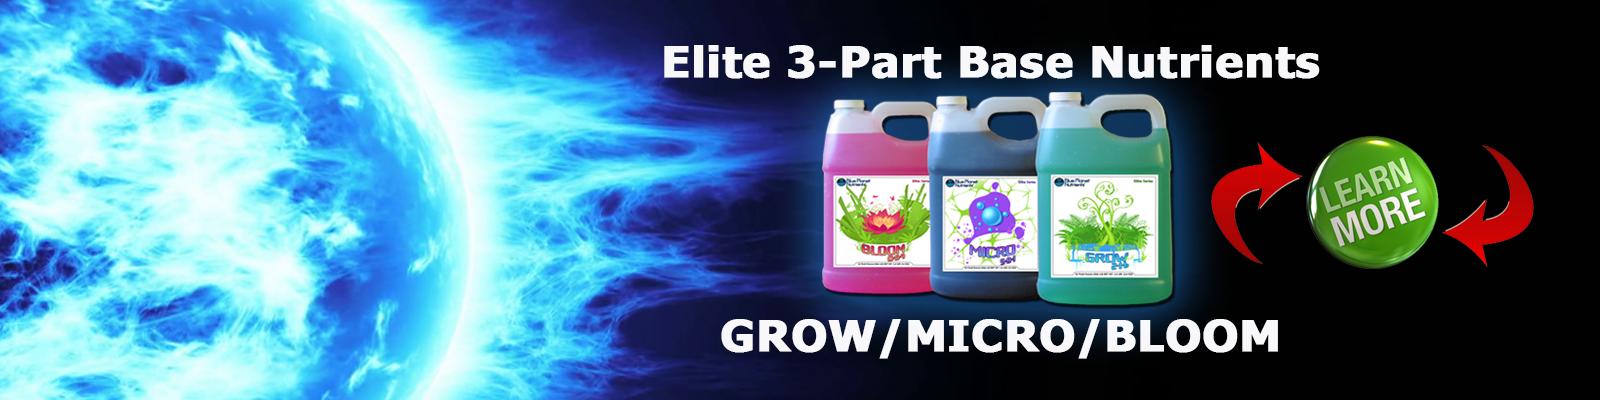 ELITE 3-Part hydroponic nutrients